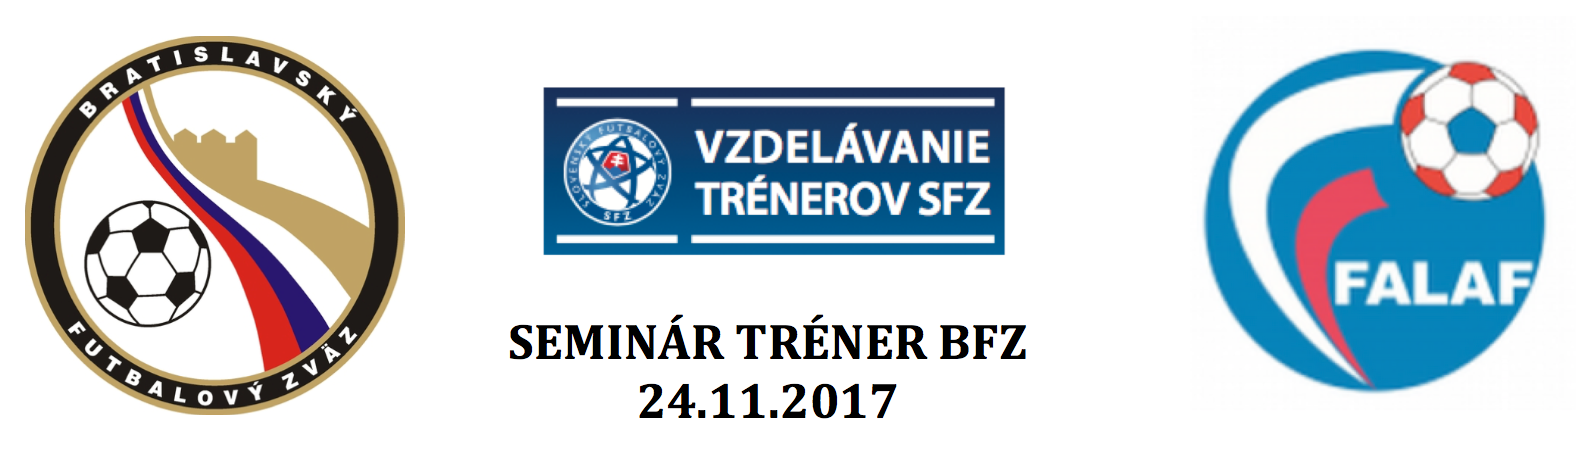 SEMINÁR TRÉNEROV BFZ - 24.11.2017